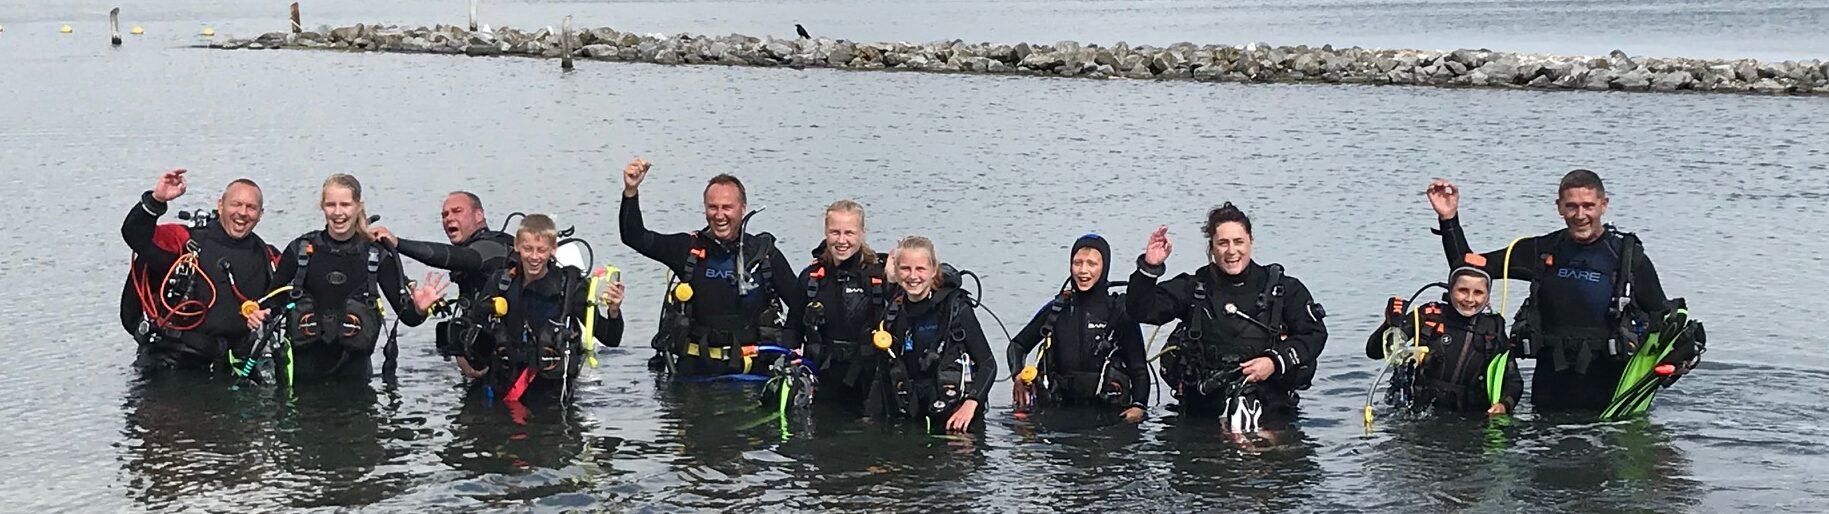 Samen blijven duiken met Duikcentrum Loosdrecht